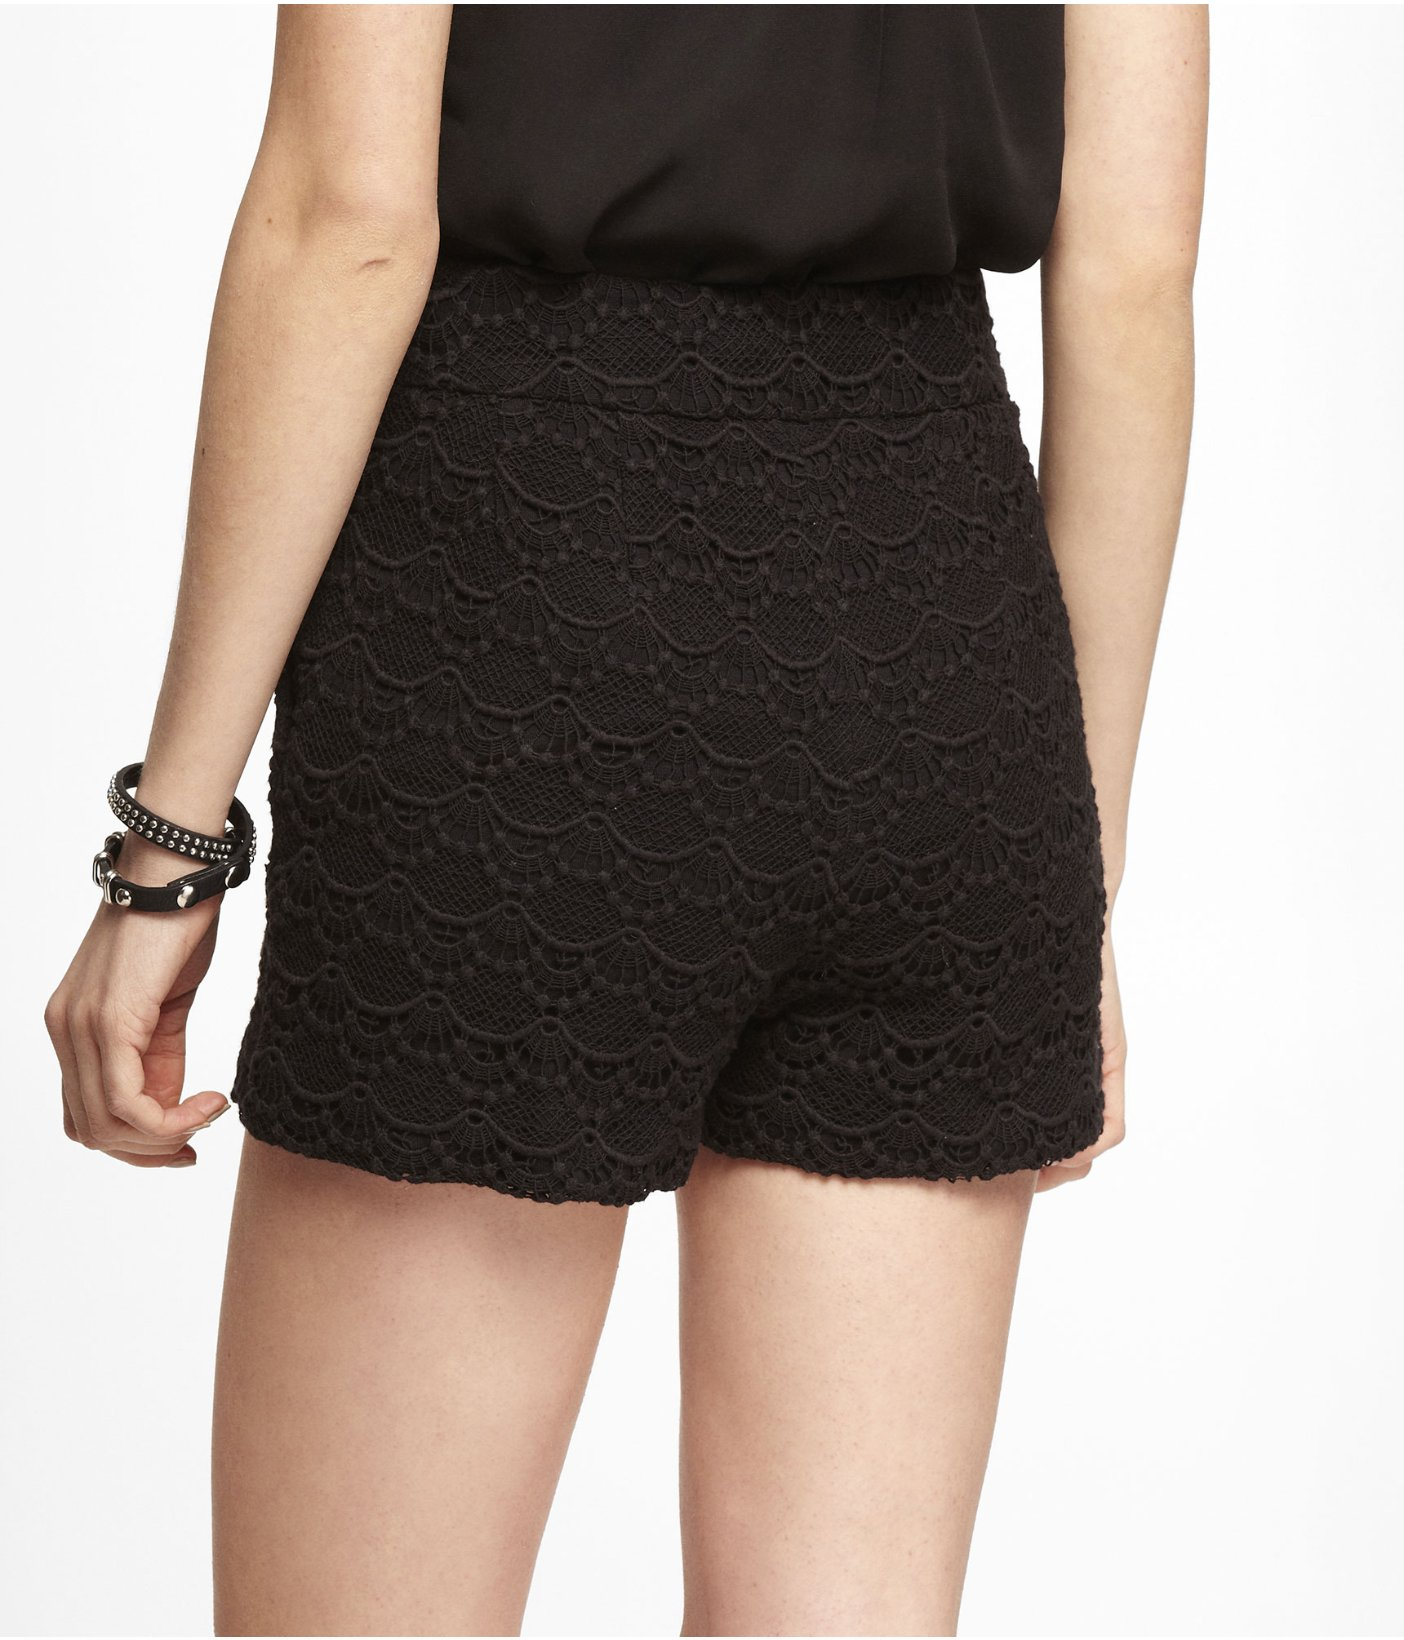 fashion design godere del prezzo più basso scegli ufficiale Express 2 12 Inch High Rise Crocheted Lace Shorts in Black - Lyst